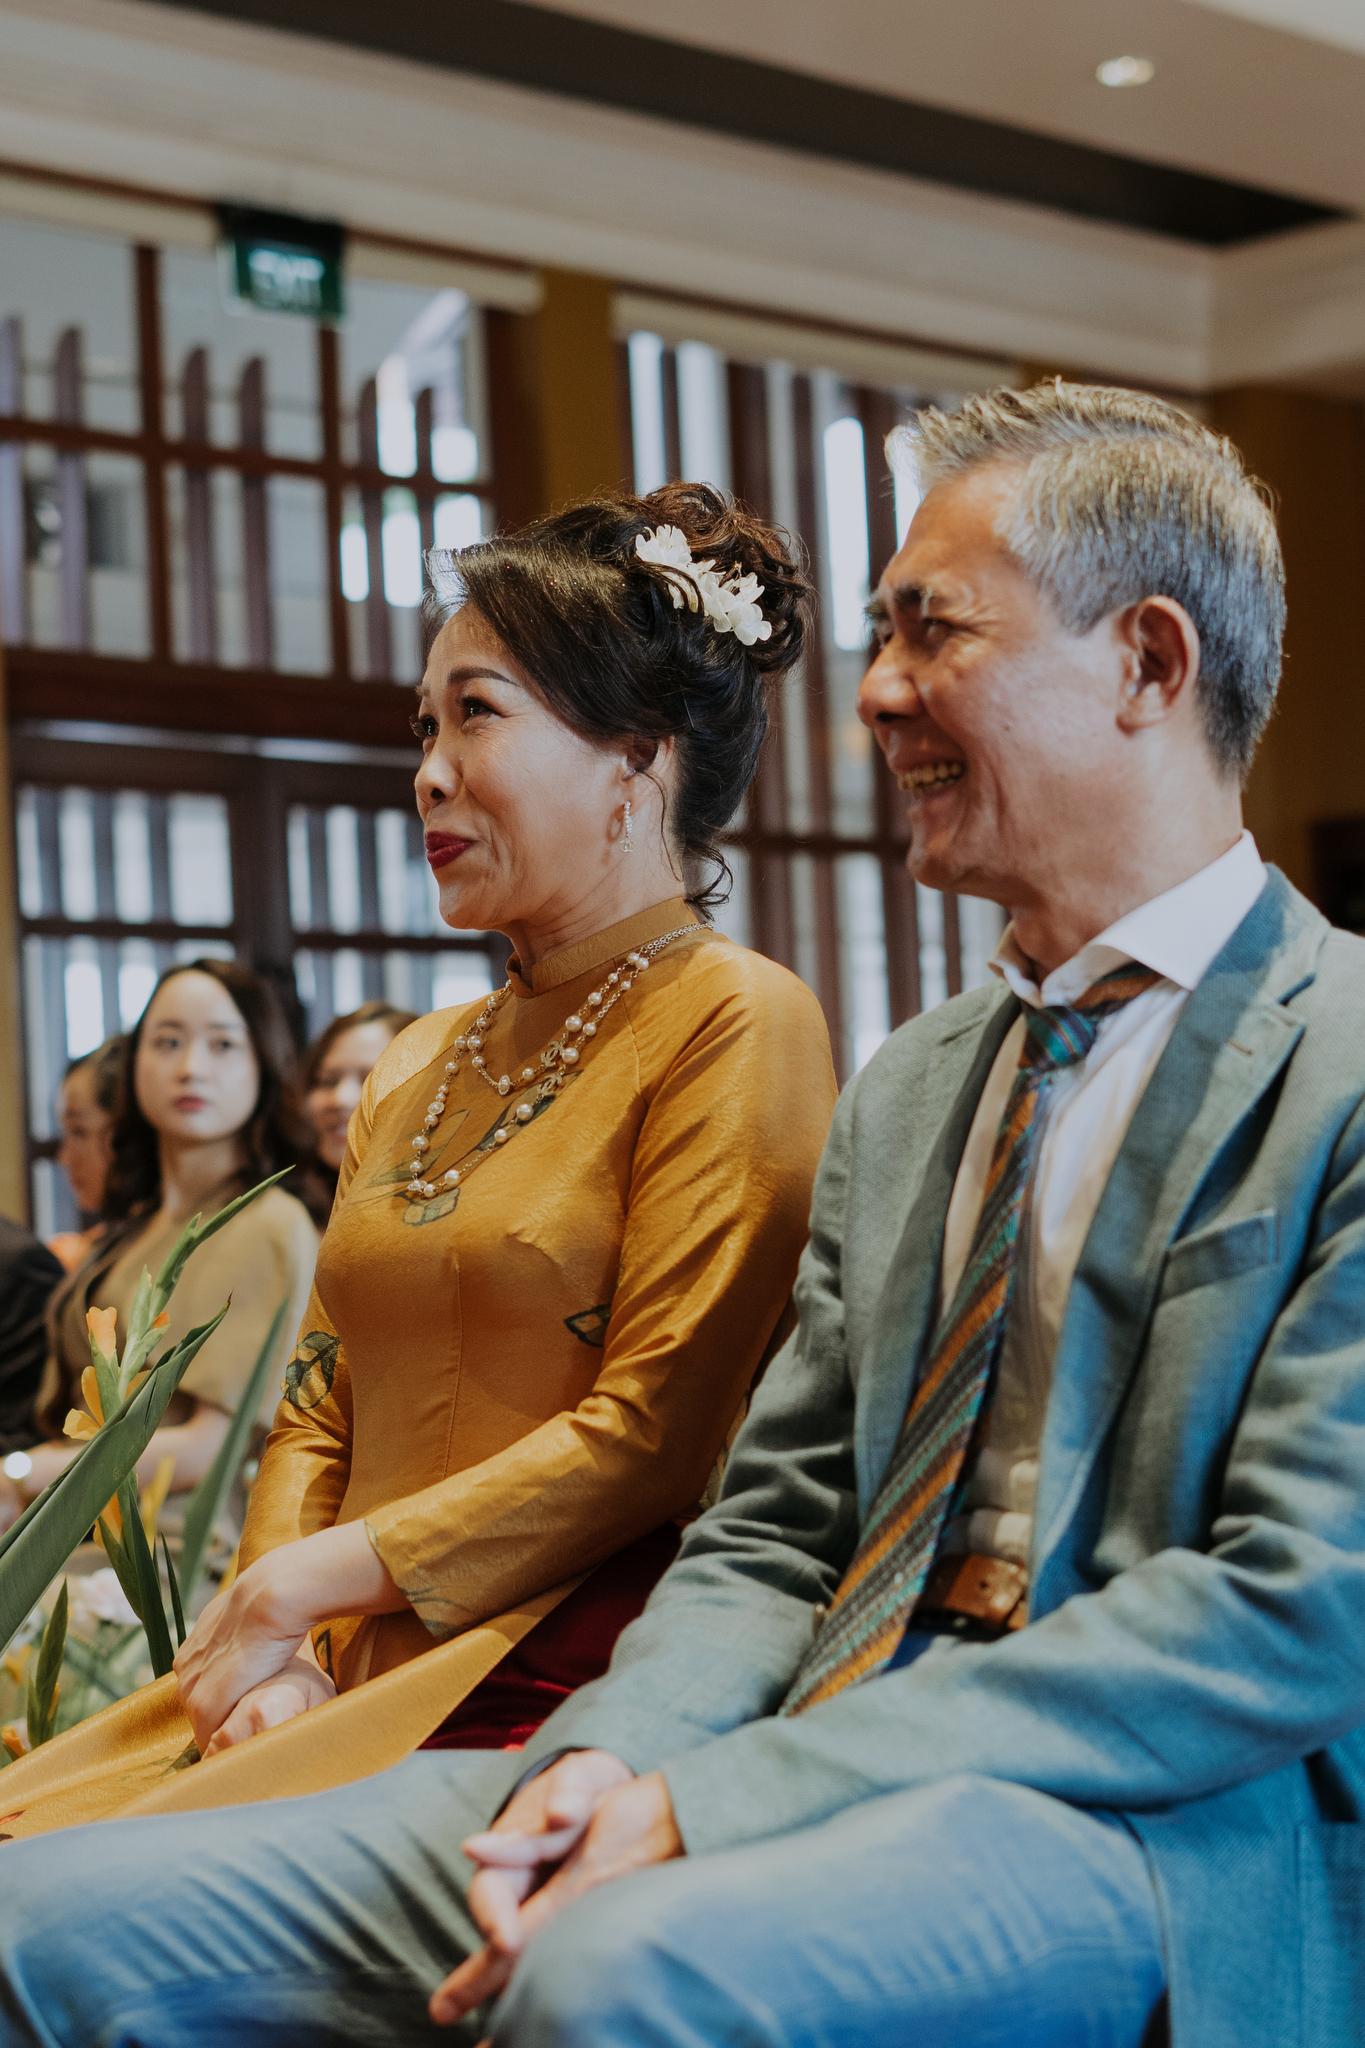 https://huk.s3.amazonaws.com/uploads/image/source/1398/Phuong-Diep-HN-Ceremony-1-0404.JPG